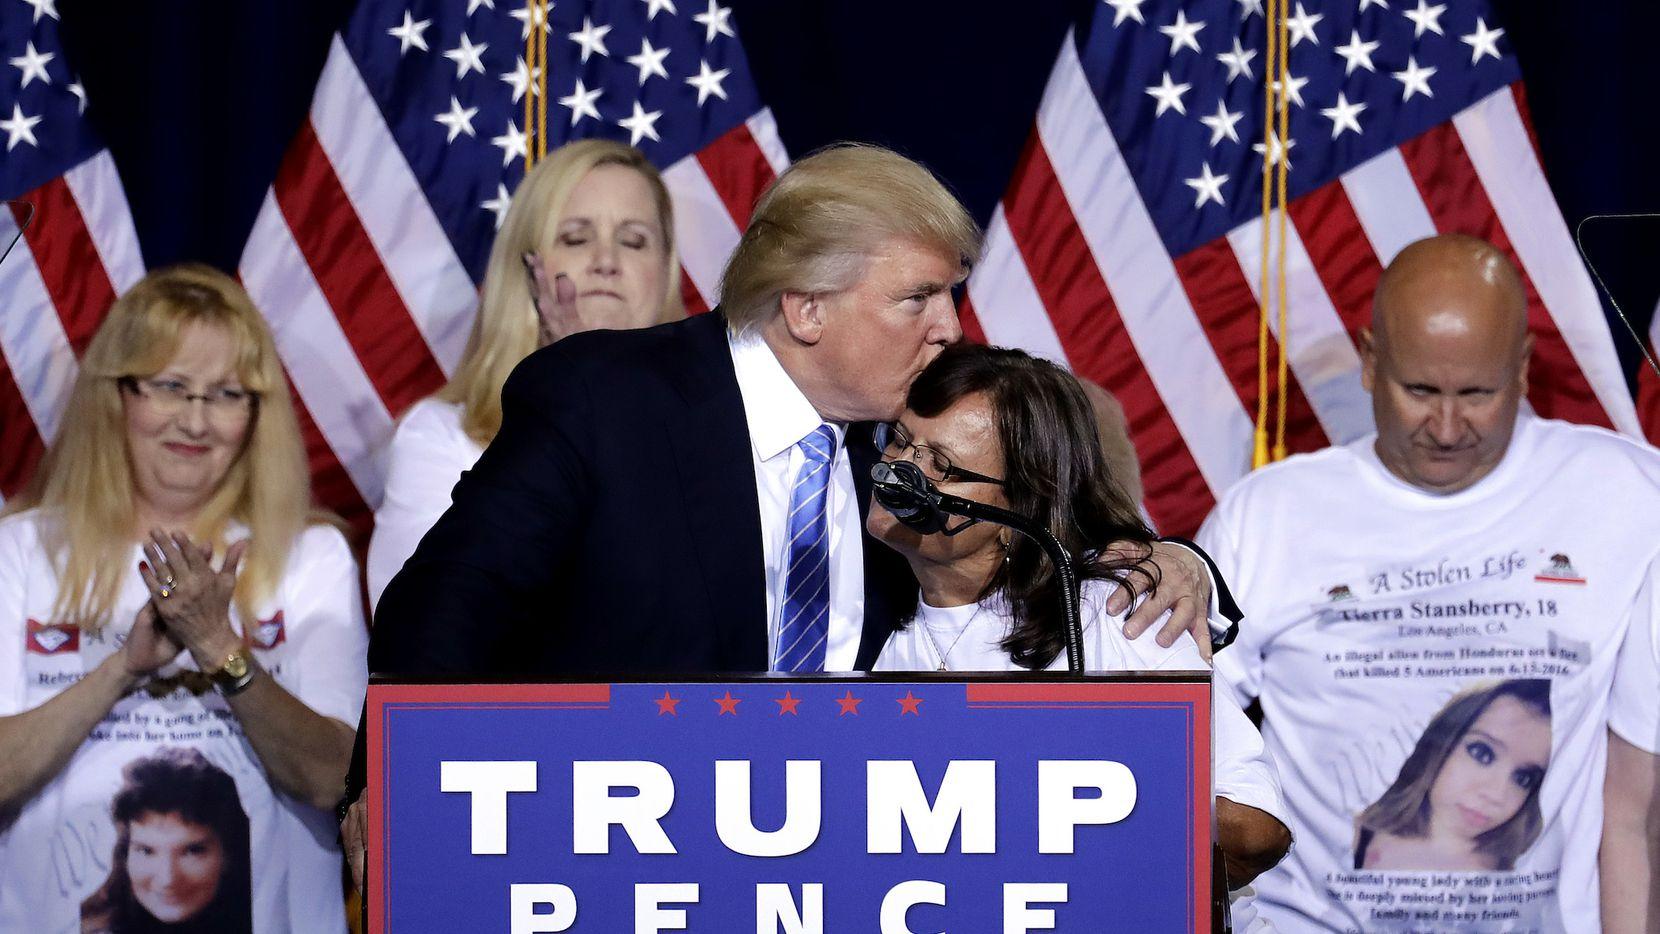 El candidato republicano Donald Trump abraza a una mujer cuyo hijo falleció en un incidente que involucró a un inmigrante indocumentado en Phoenix, Az. (AP).